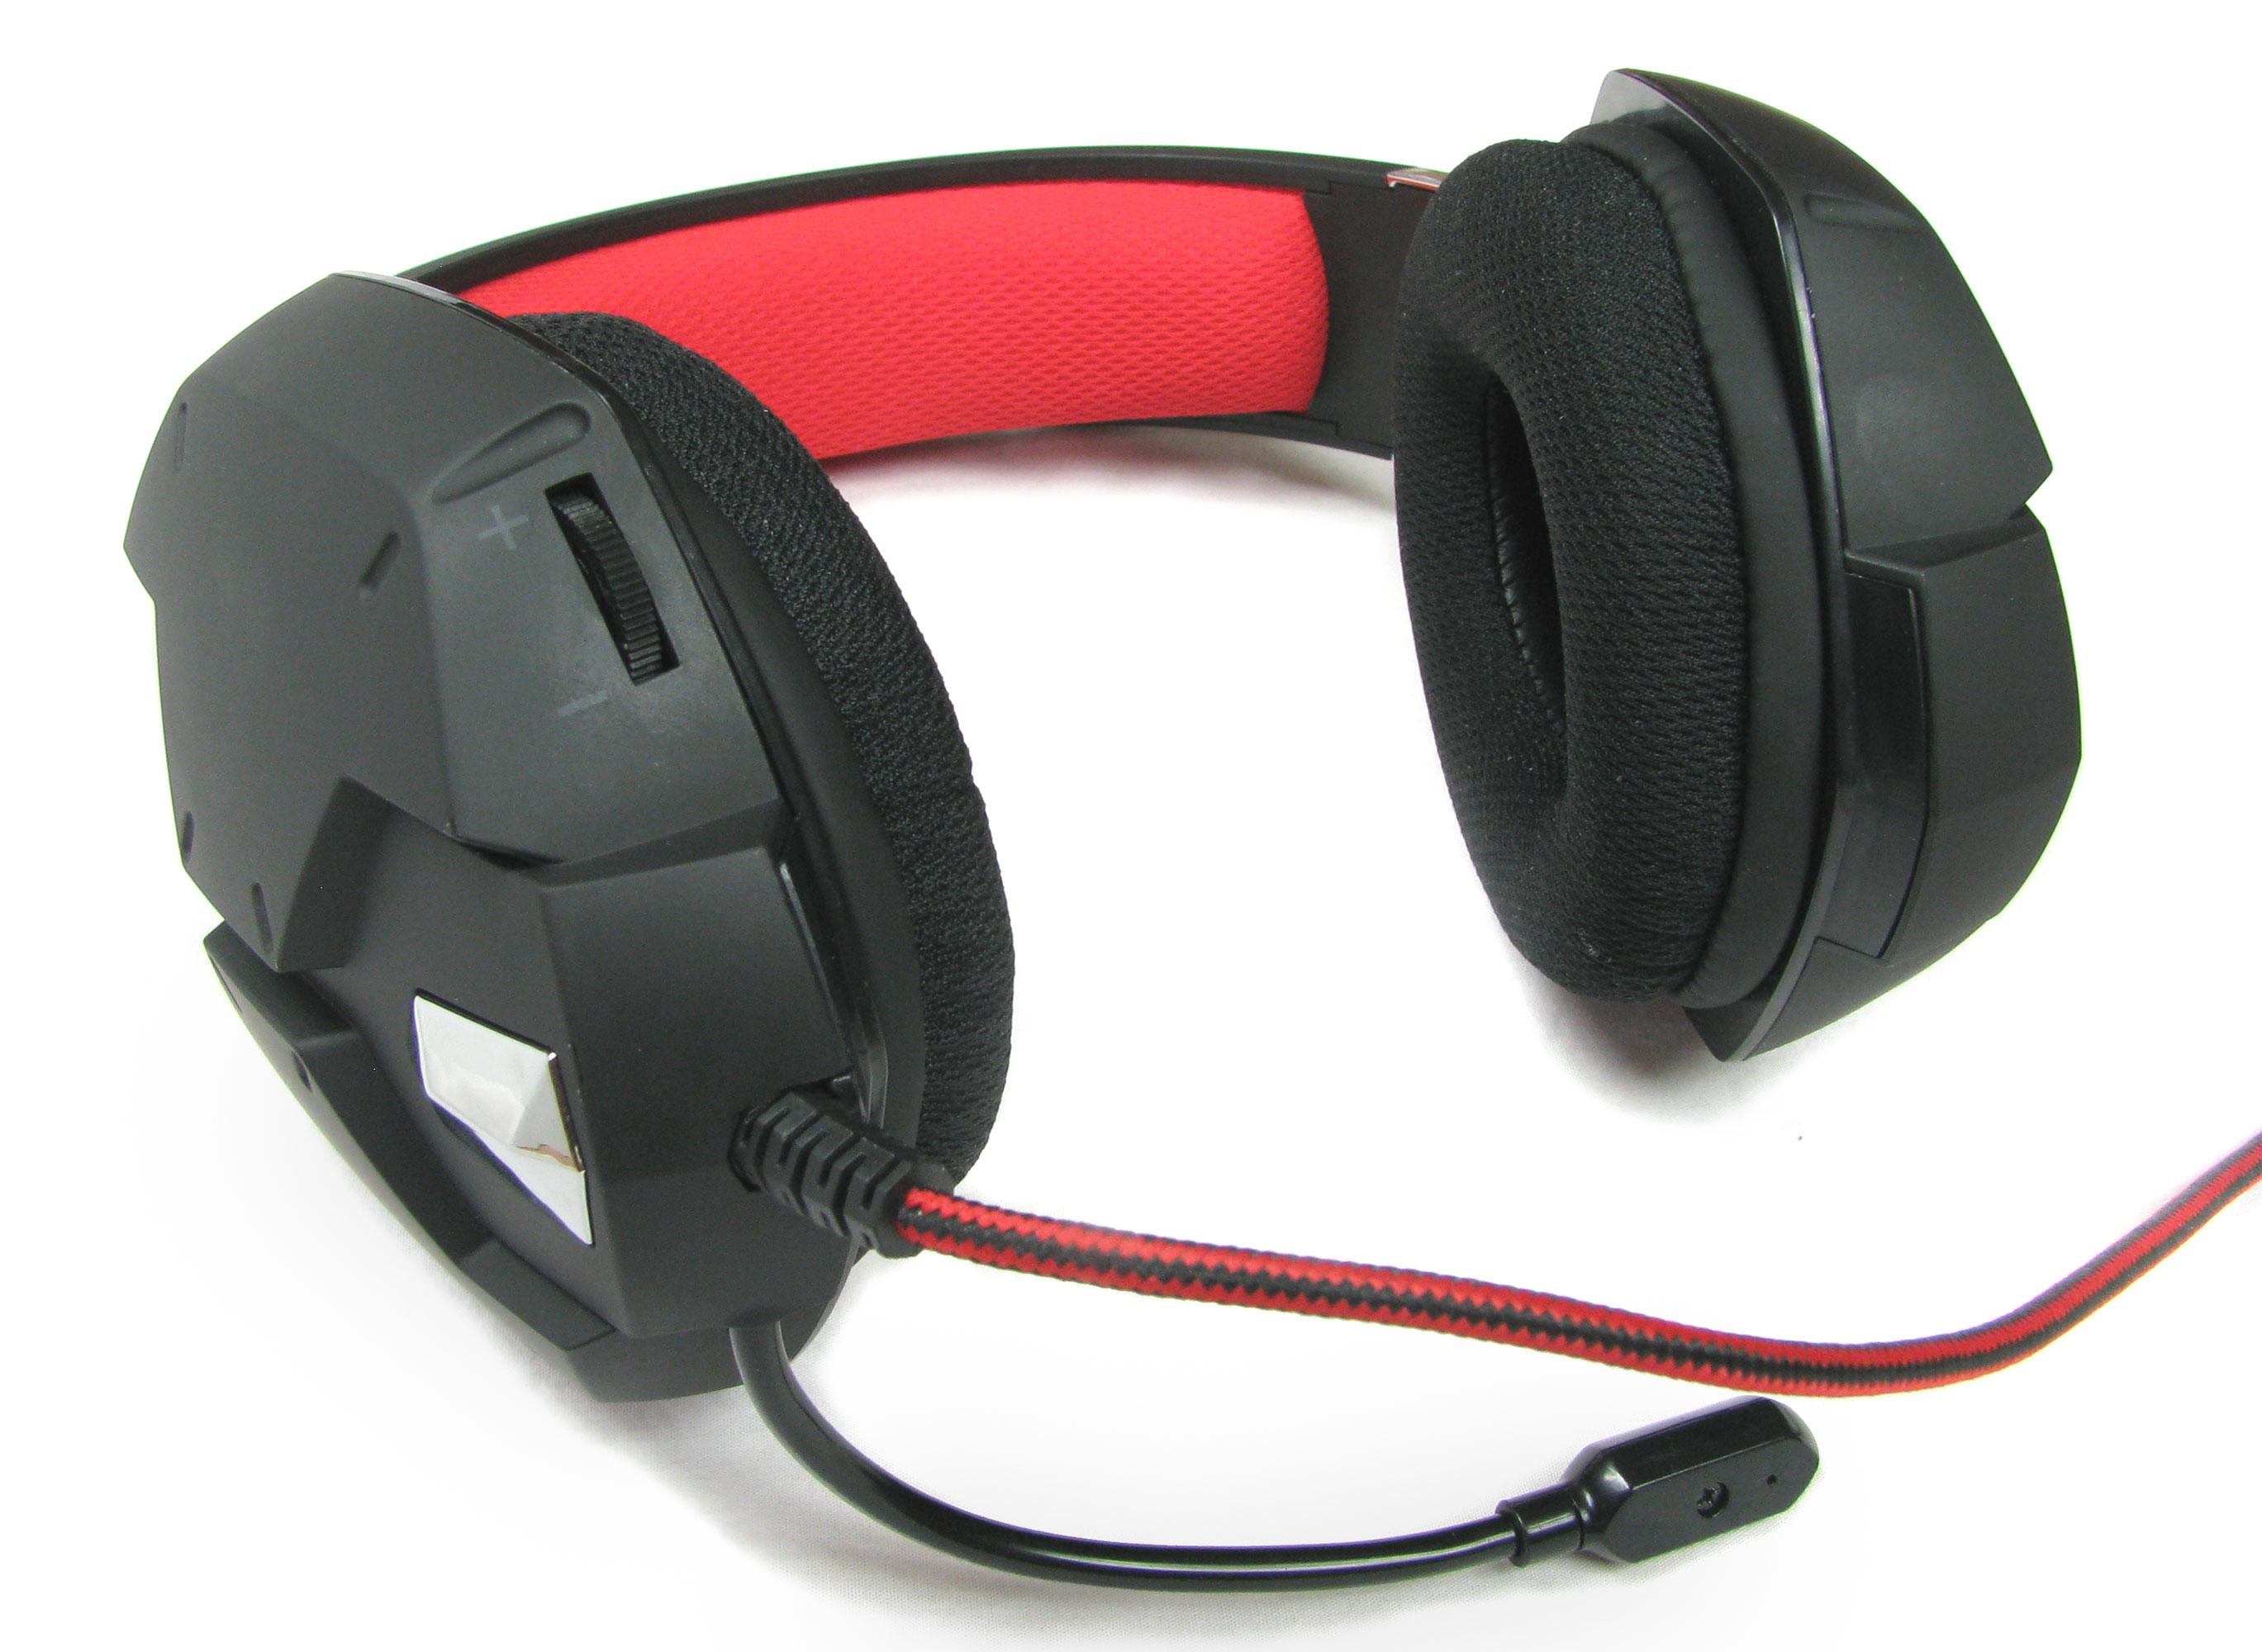 Trust GXT 322 Dynamic Headset - regulacja głośności i włączenie/wyłączenie mikrofonu.